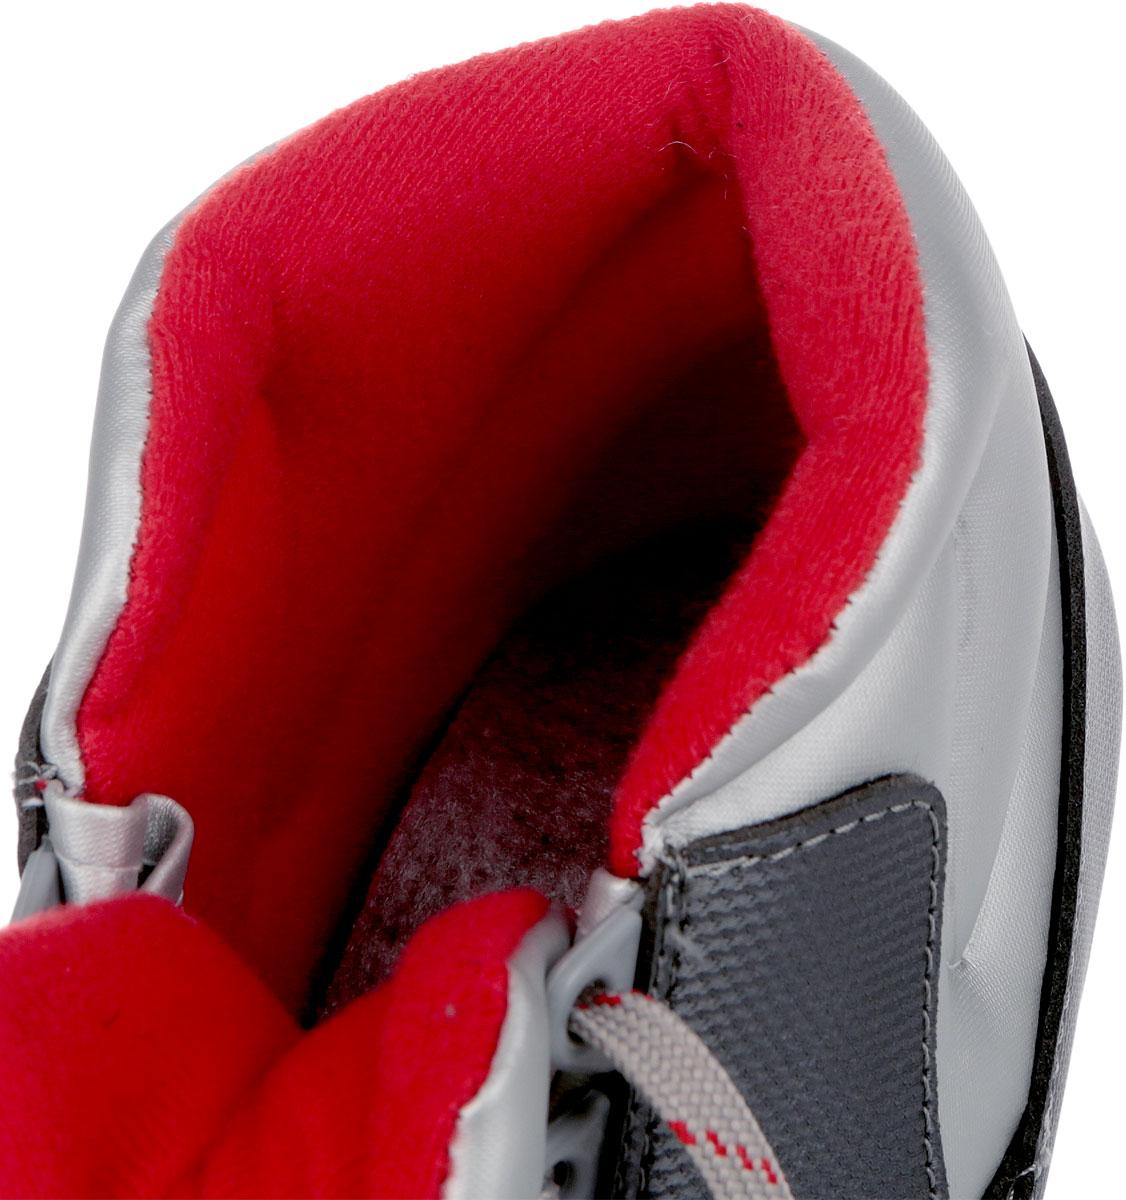 Ботинки лыжные Karjala, цвет:  темно-серый, серебристый, красный.  Country 75.  Размер 41 Karjala (Карелия)